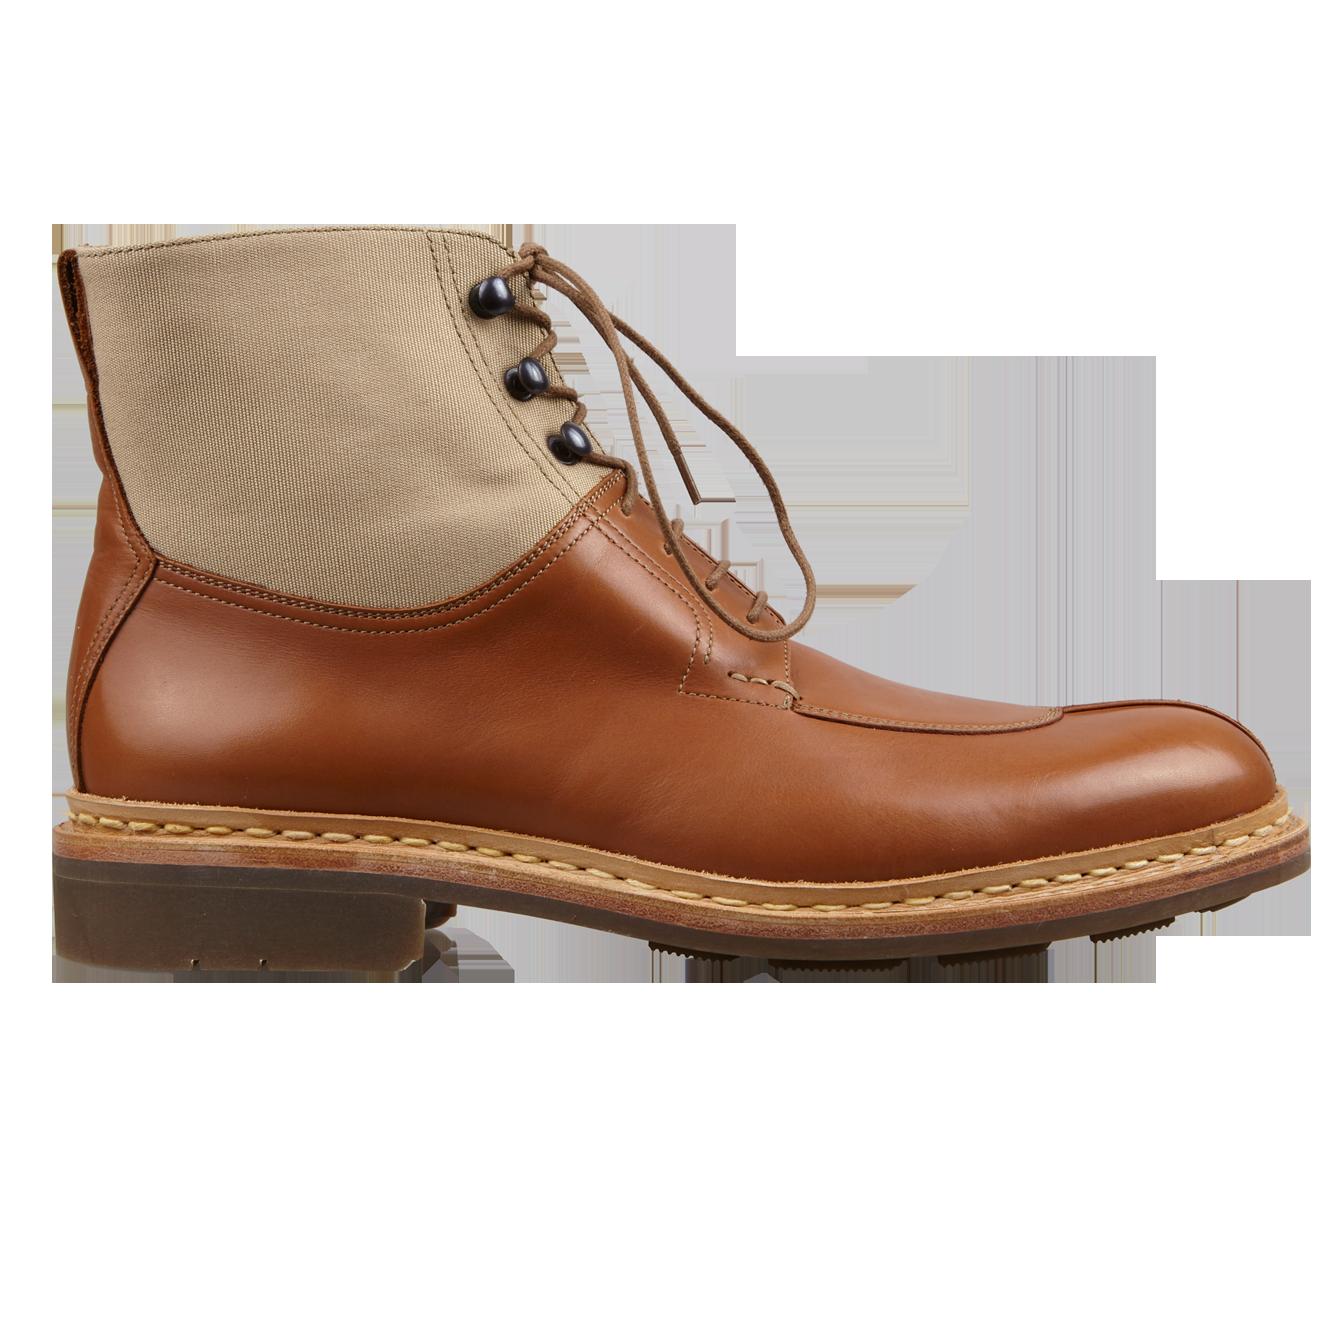 Heschung Ginkgo Boots Gold Side